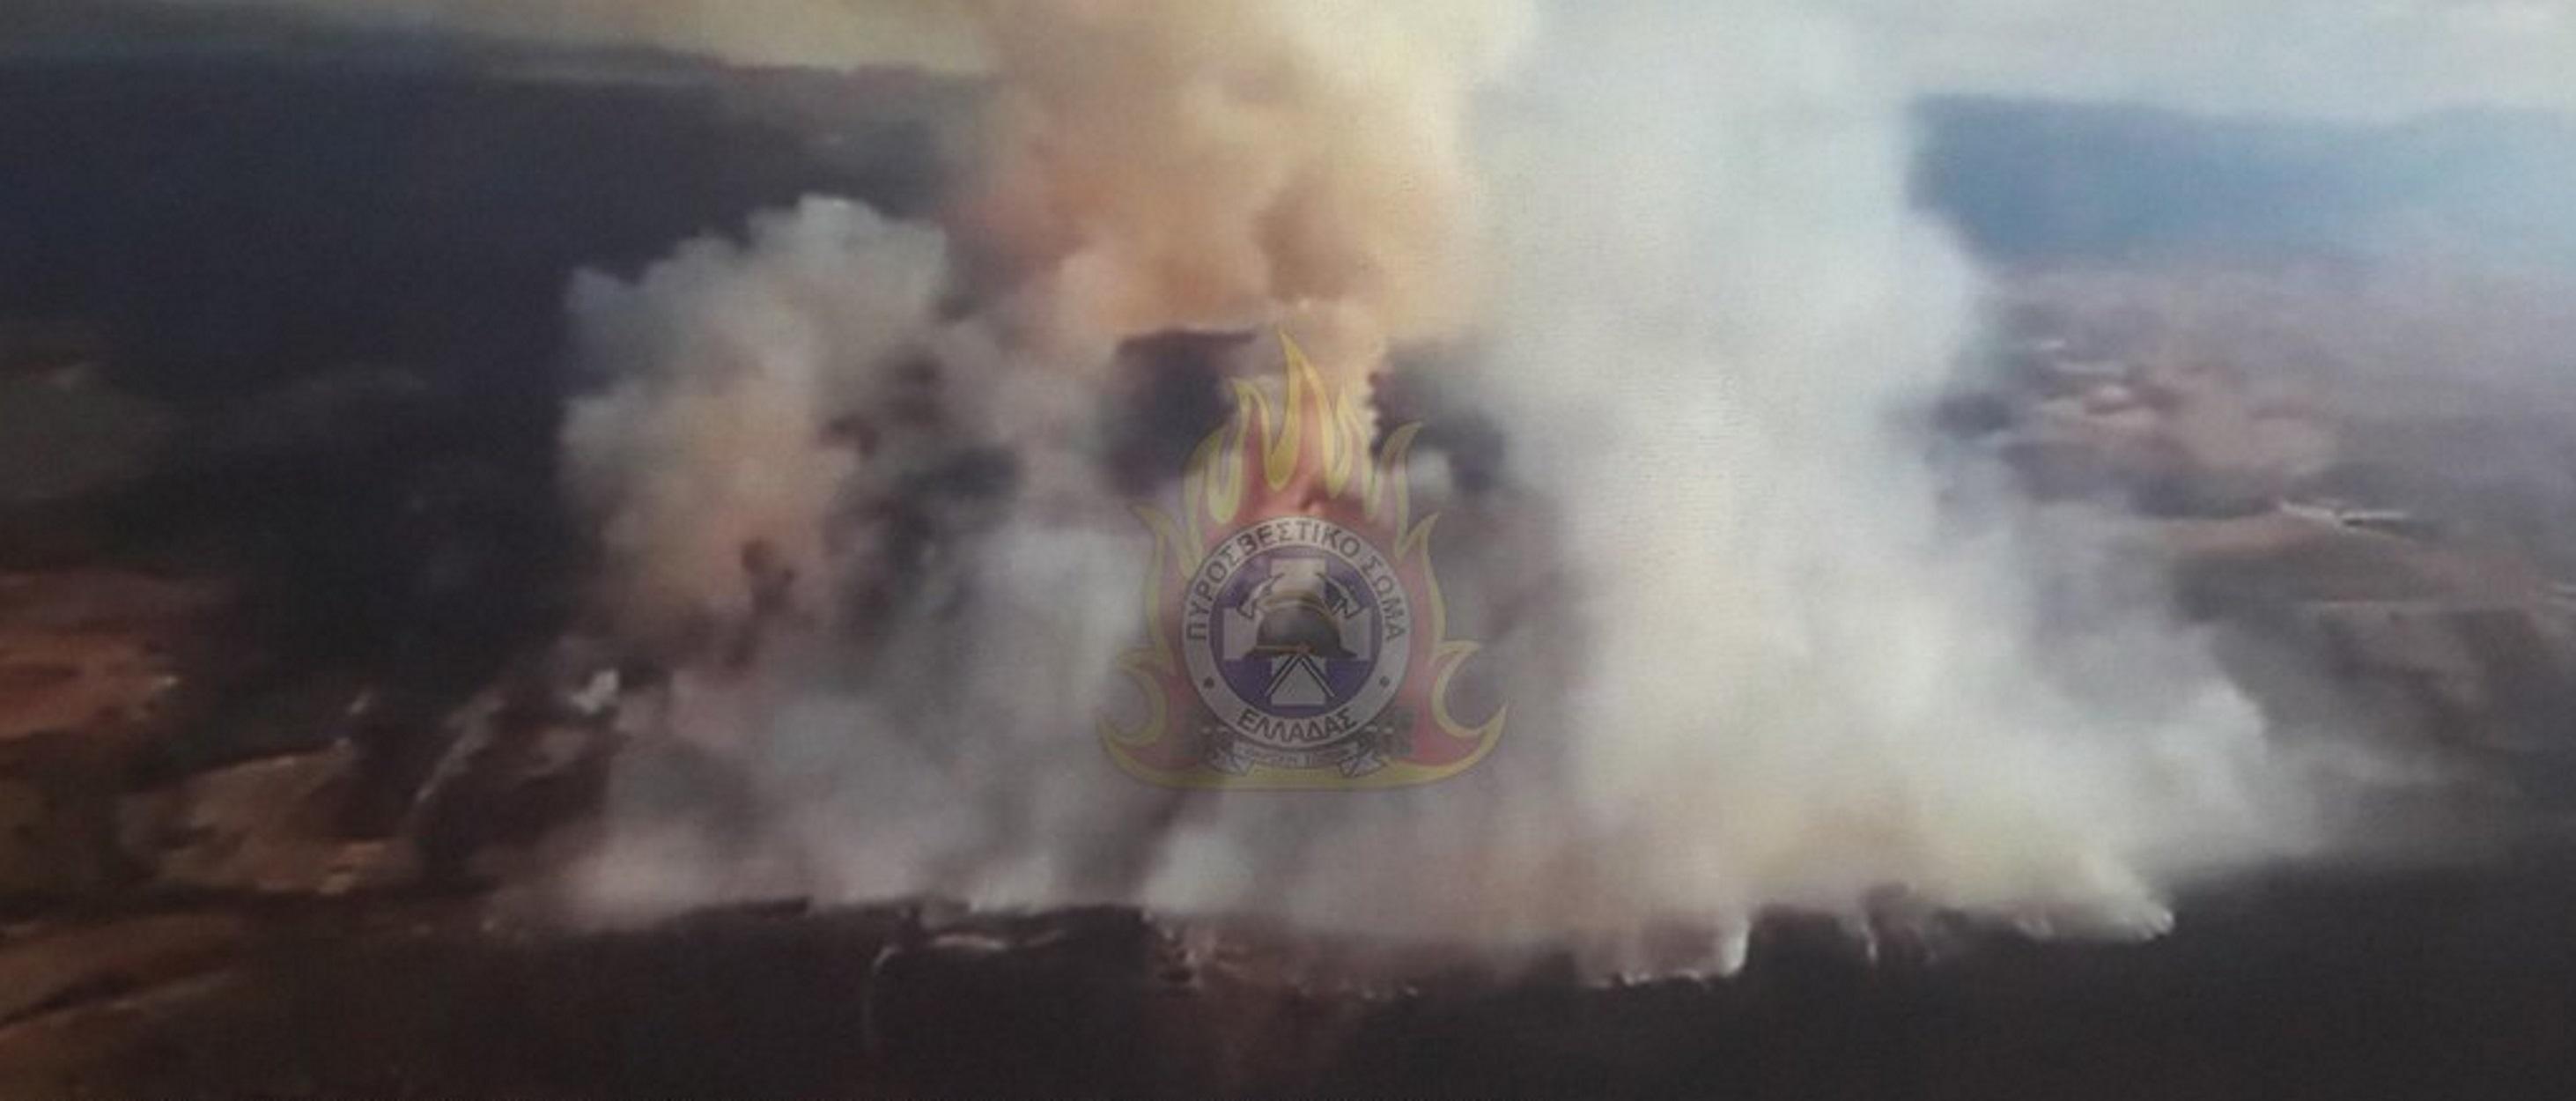 Μαίνεται η μεγάλη φωτιά στην Τανάγρα – Γιγάντια επιχείρηση της Πυροσβεστικής!